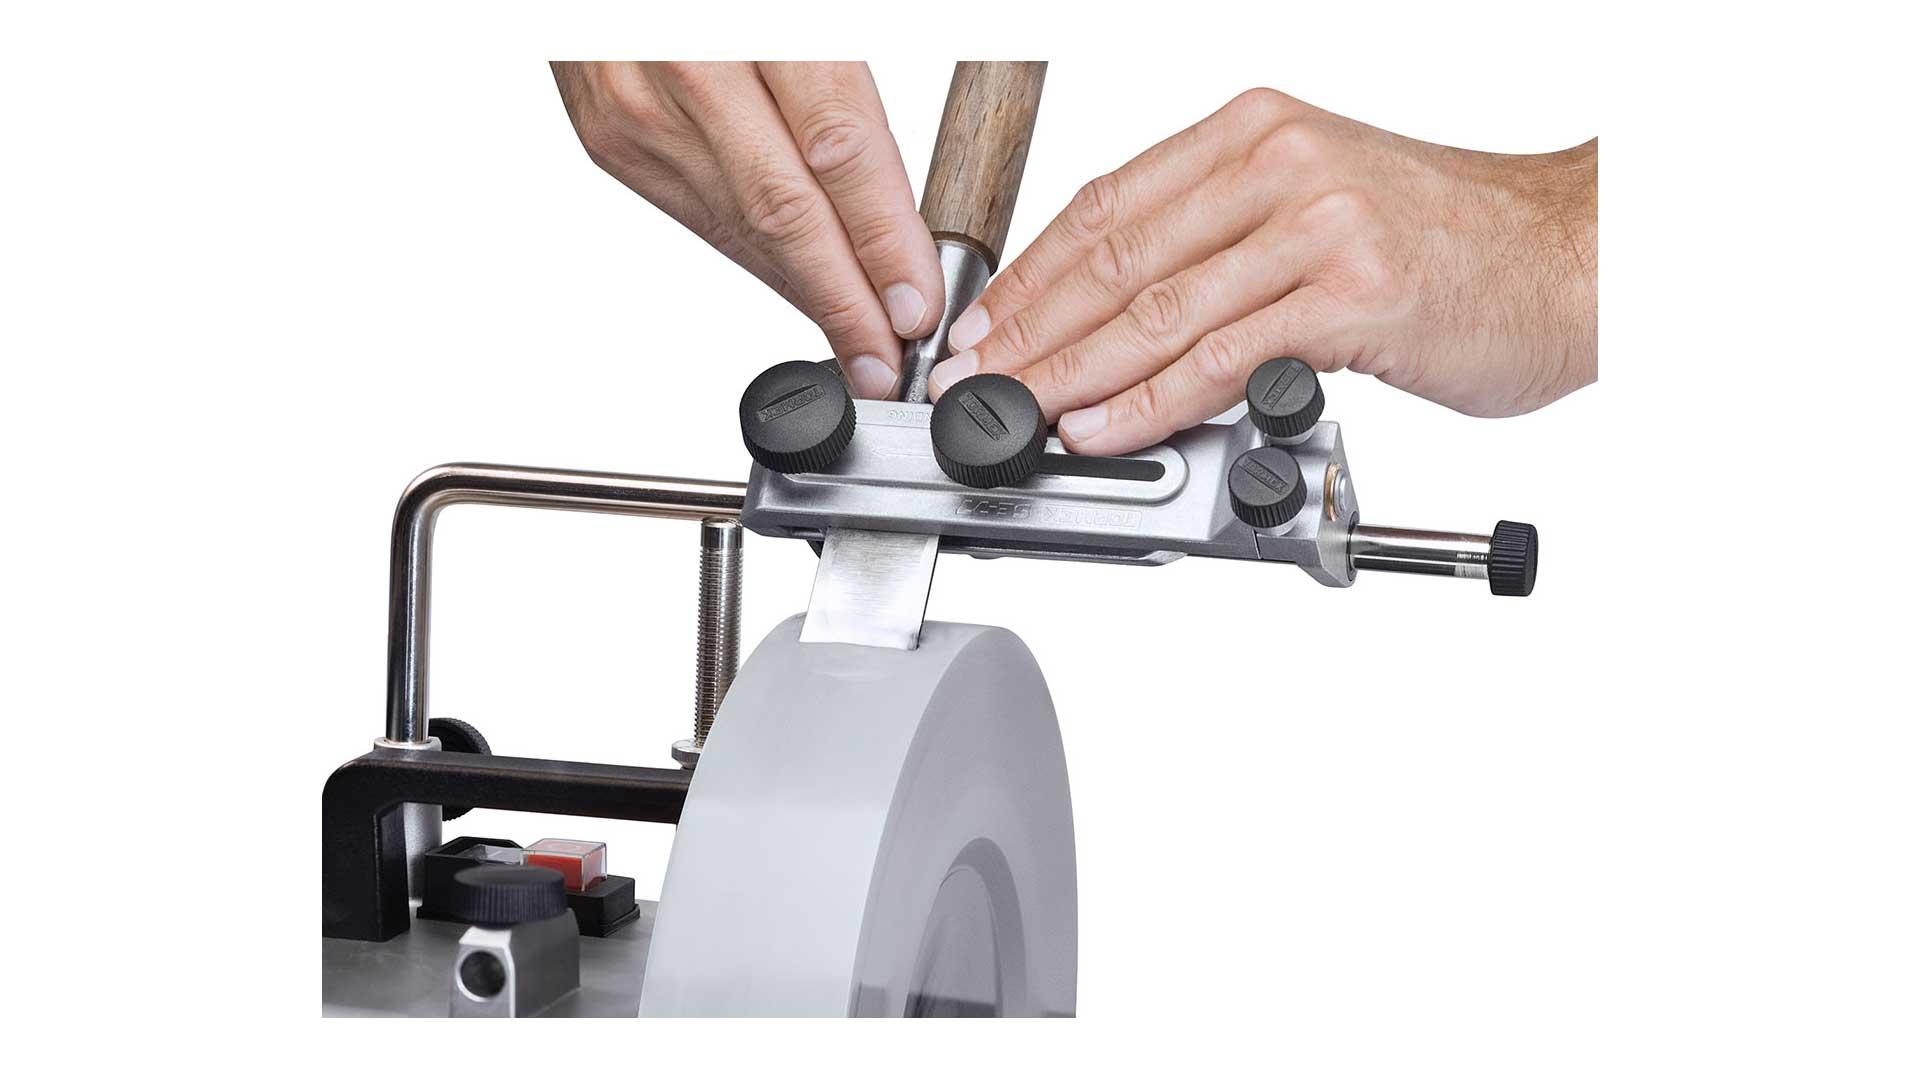 Tormek grinders, Japanese water stone wheels for Tormek